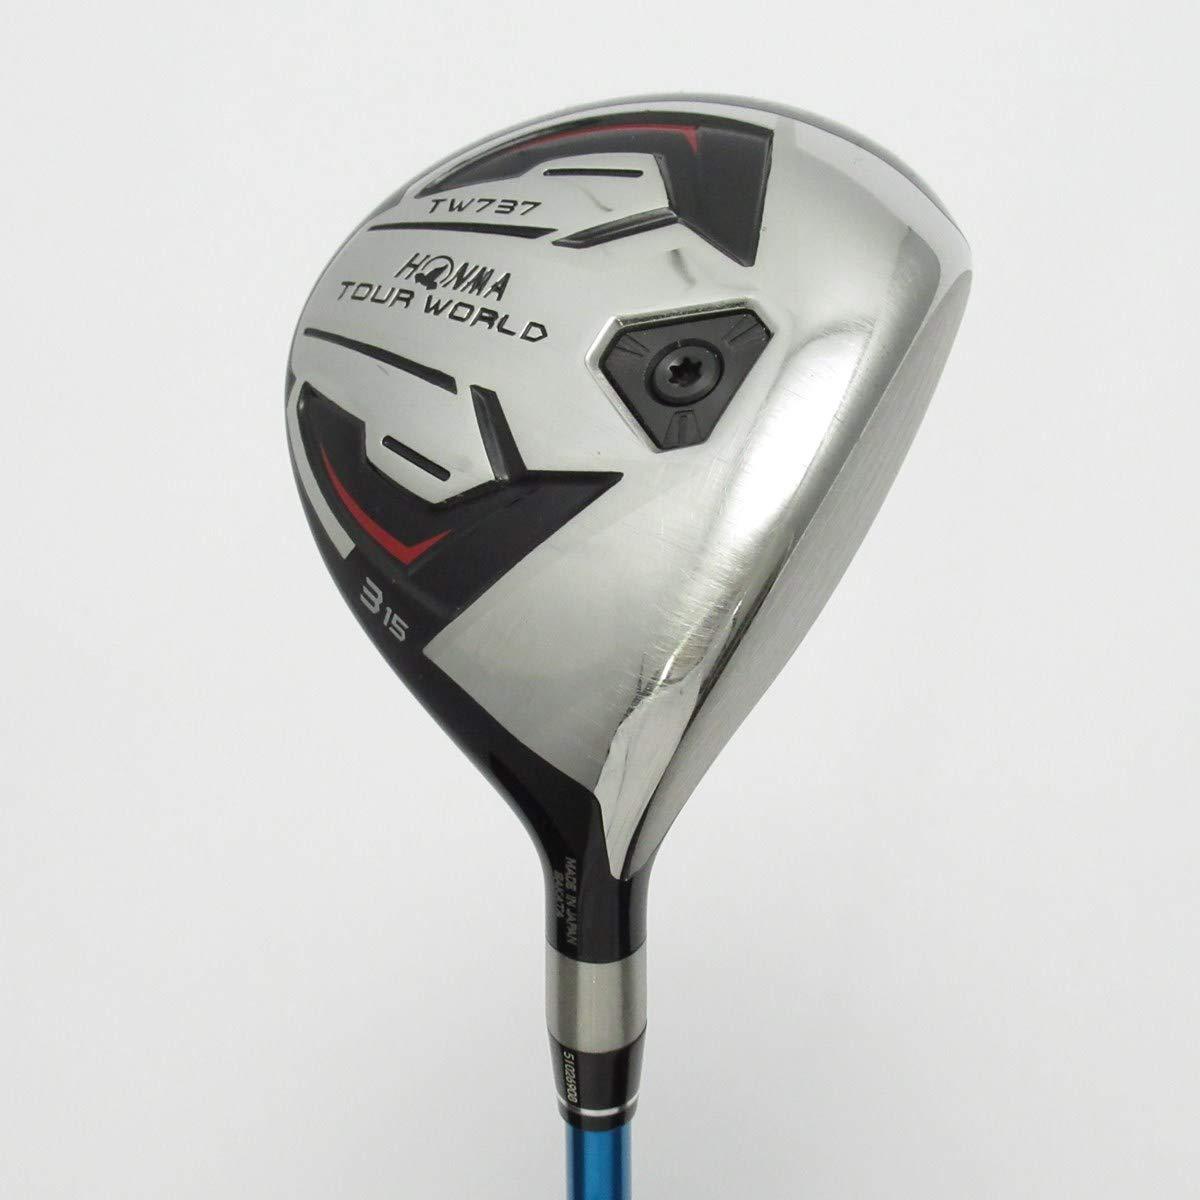 【中古】本間ゴルフ TOUR WORLD ツアーワールド TW737 フェアウェイウッド VIZARD EX-Z65 【3W】 B07NM5D5ML  S